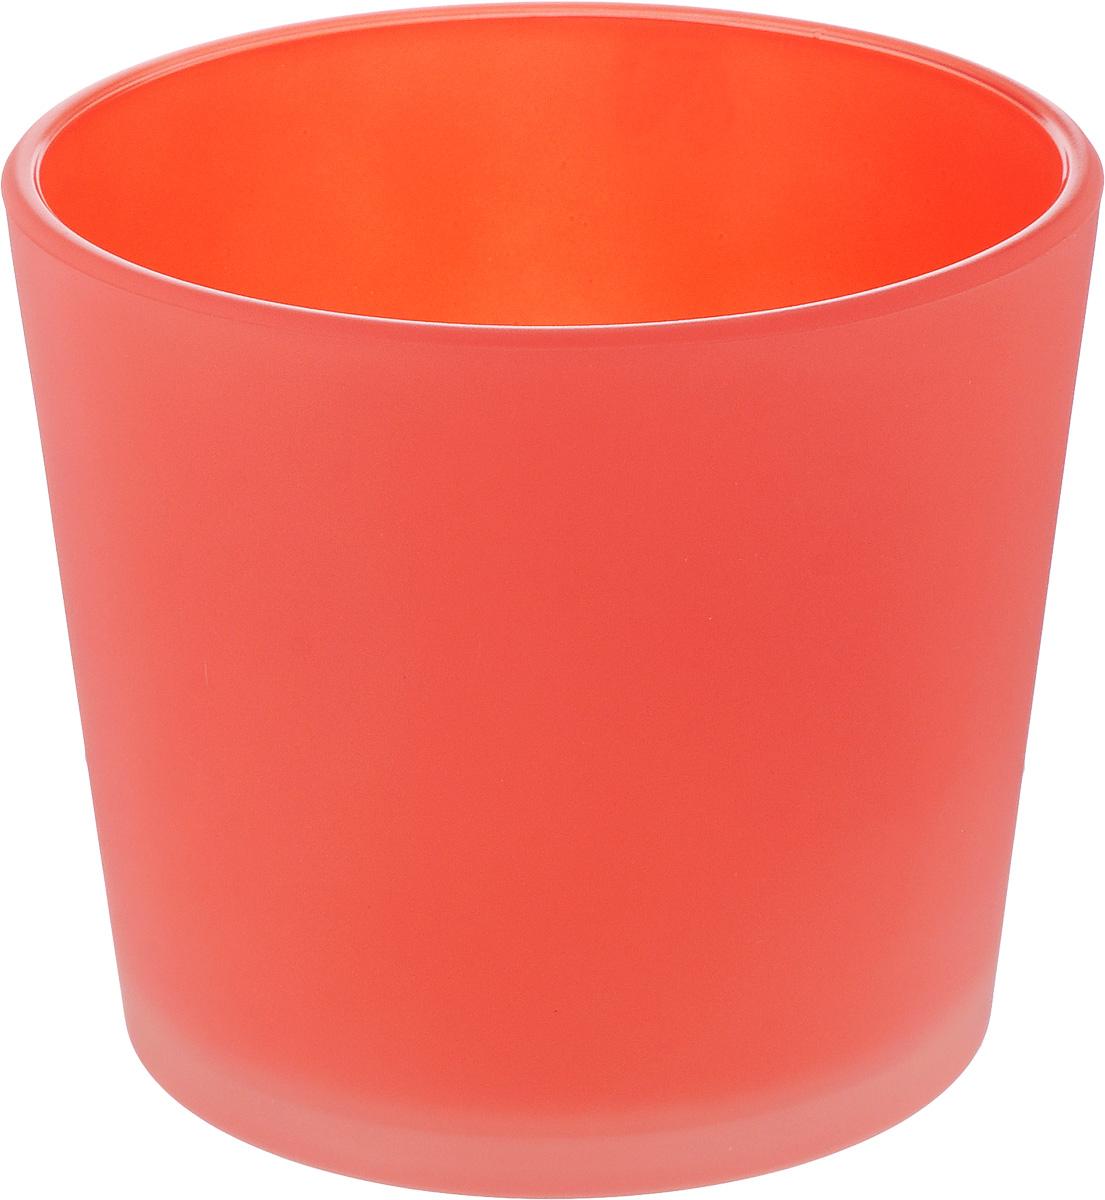 Кашпо NiNaGlass, цвет: коралловый, высота 12 см91-011-ф145 КОРАЛЛКашпо NiNaGlass имеет уникальную форму, сочетающуюся как с классическим, так и с современным дизайном интерьера. Оно изготовлено из высококачественного стекла и предназначено для выращивания растений, цветов и трав в домашних условиях. Кашпо NiNaGlass порадует вас функциональностью, а благодаря лаконичному дизайну впишется в любой интерьер помещения. Диаметр кашпо (по верхнему краю): 14 см. Высота кашпо: 12 см.